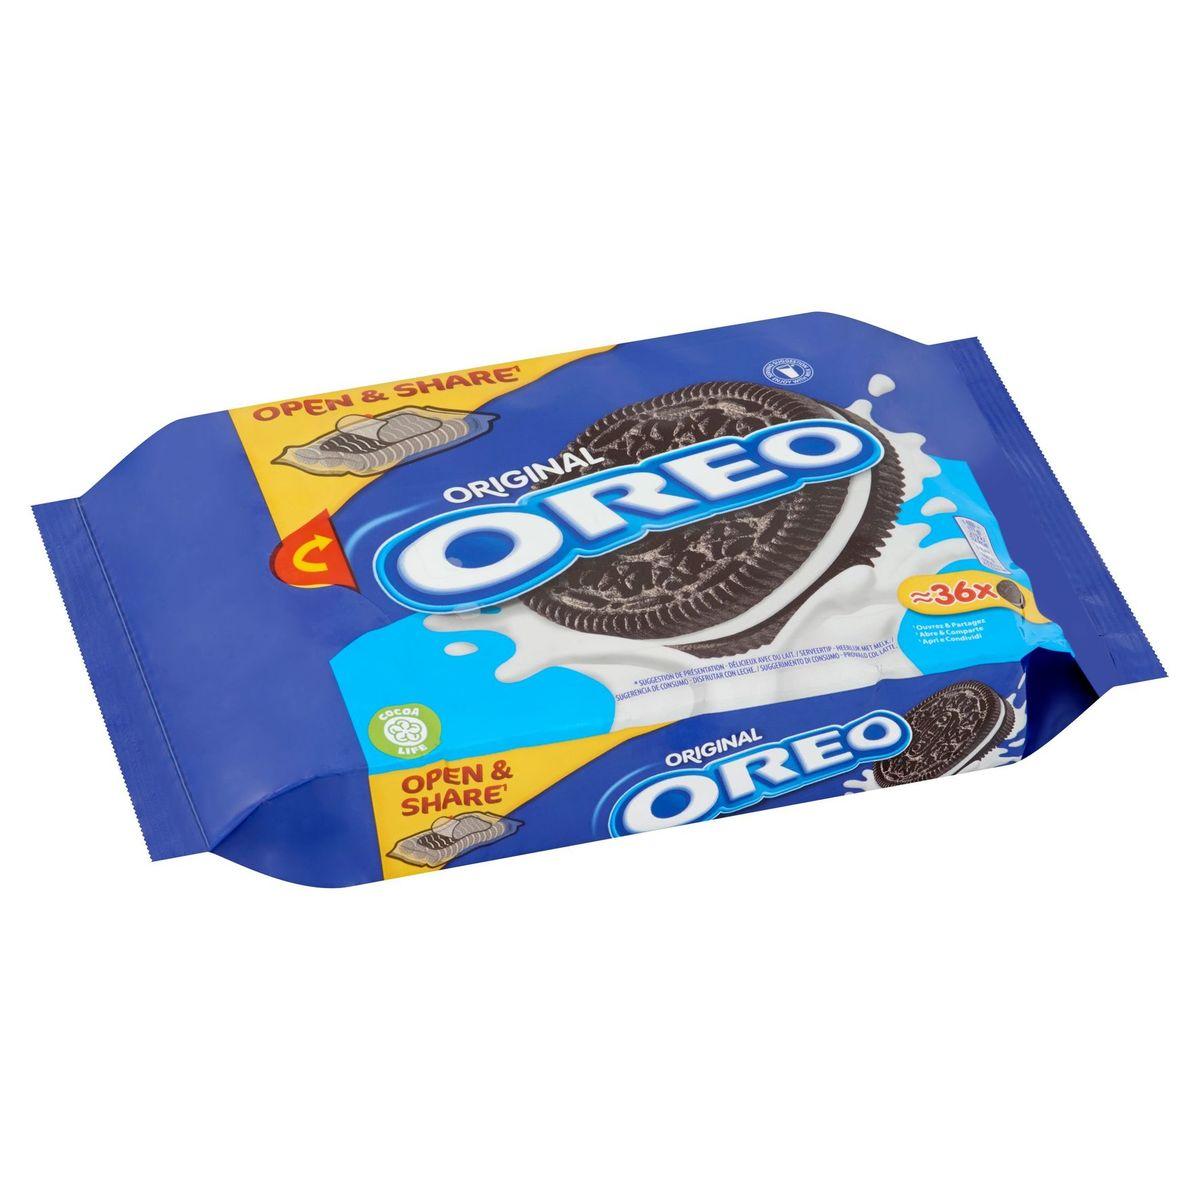 Oreo Original 396 g